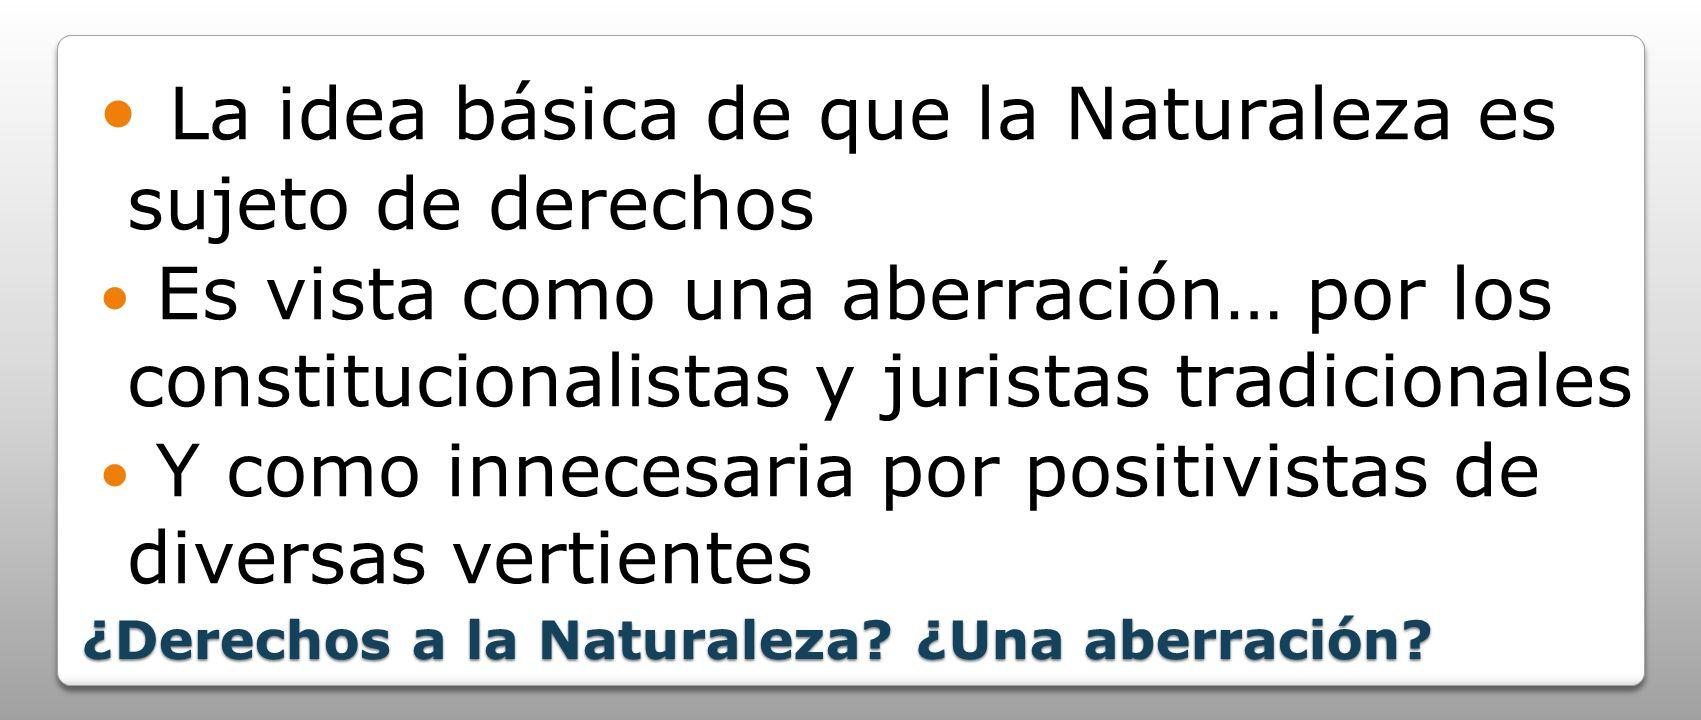 Roberto Guimaraes: la tarea es preservar la integridad de los procesos naturales que garantizan los flujos de energía y de materiales en la biosfera y, a la vez, se preserve la biodiversidad del planeta.